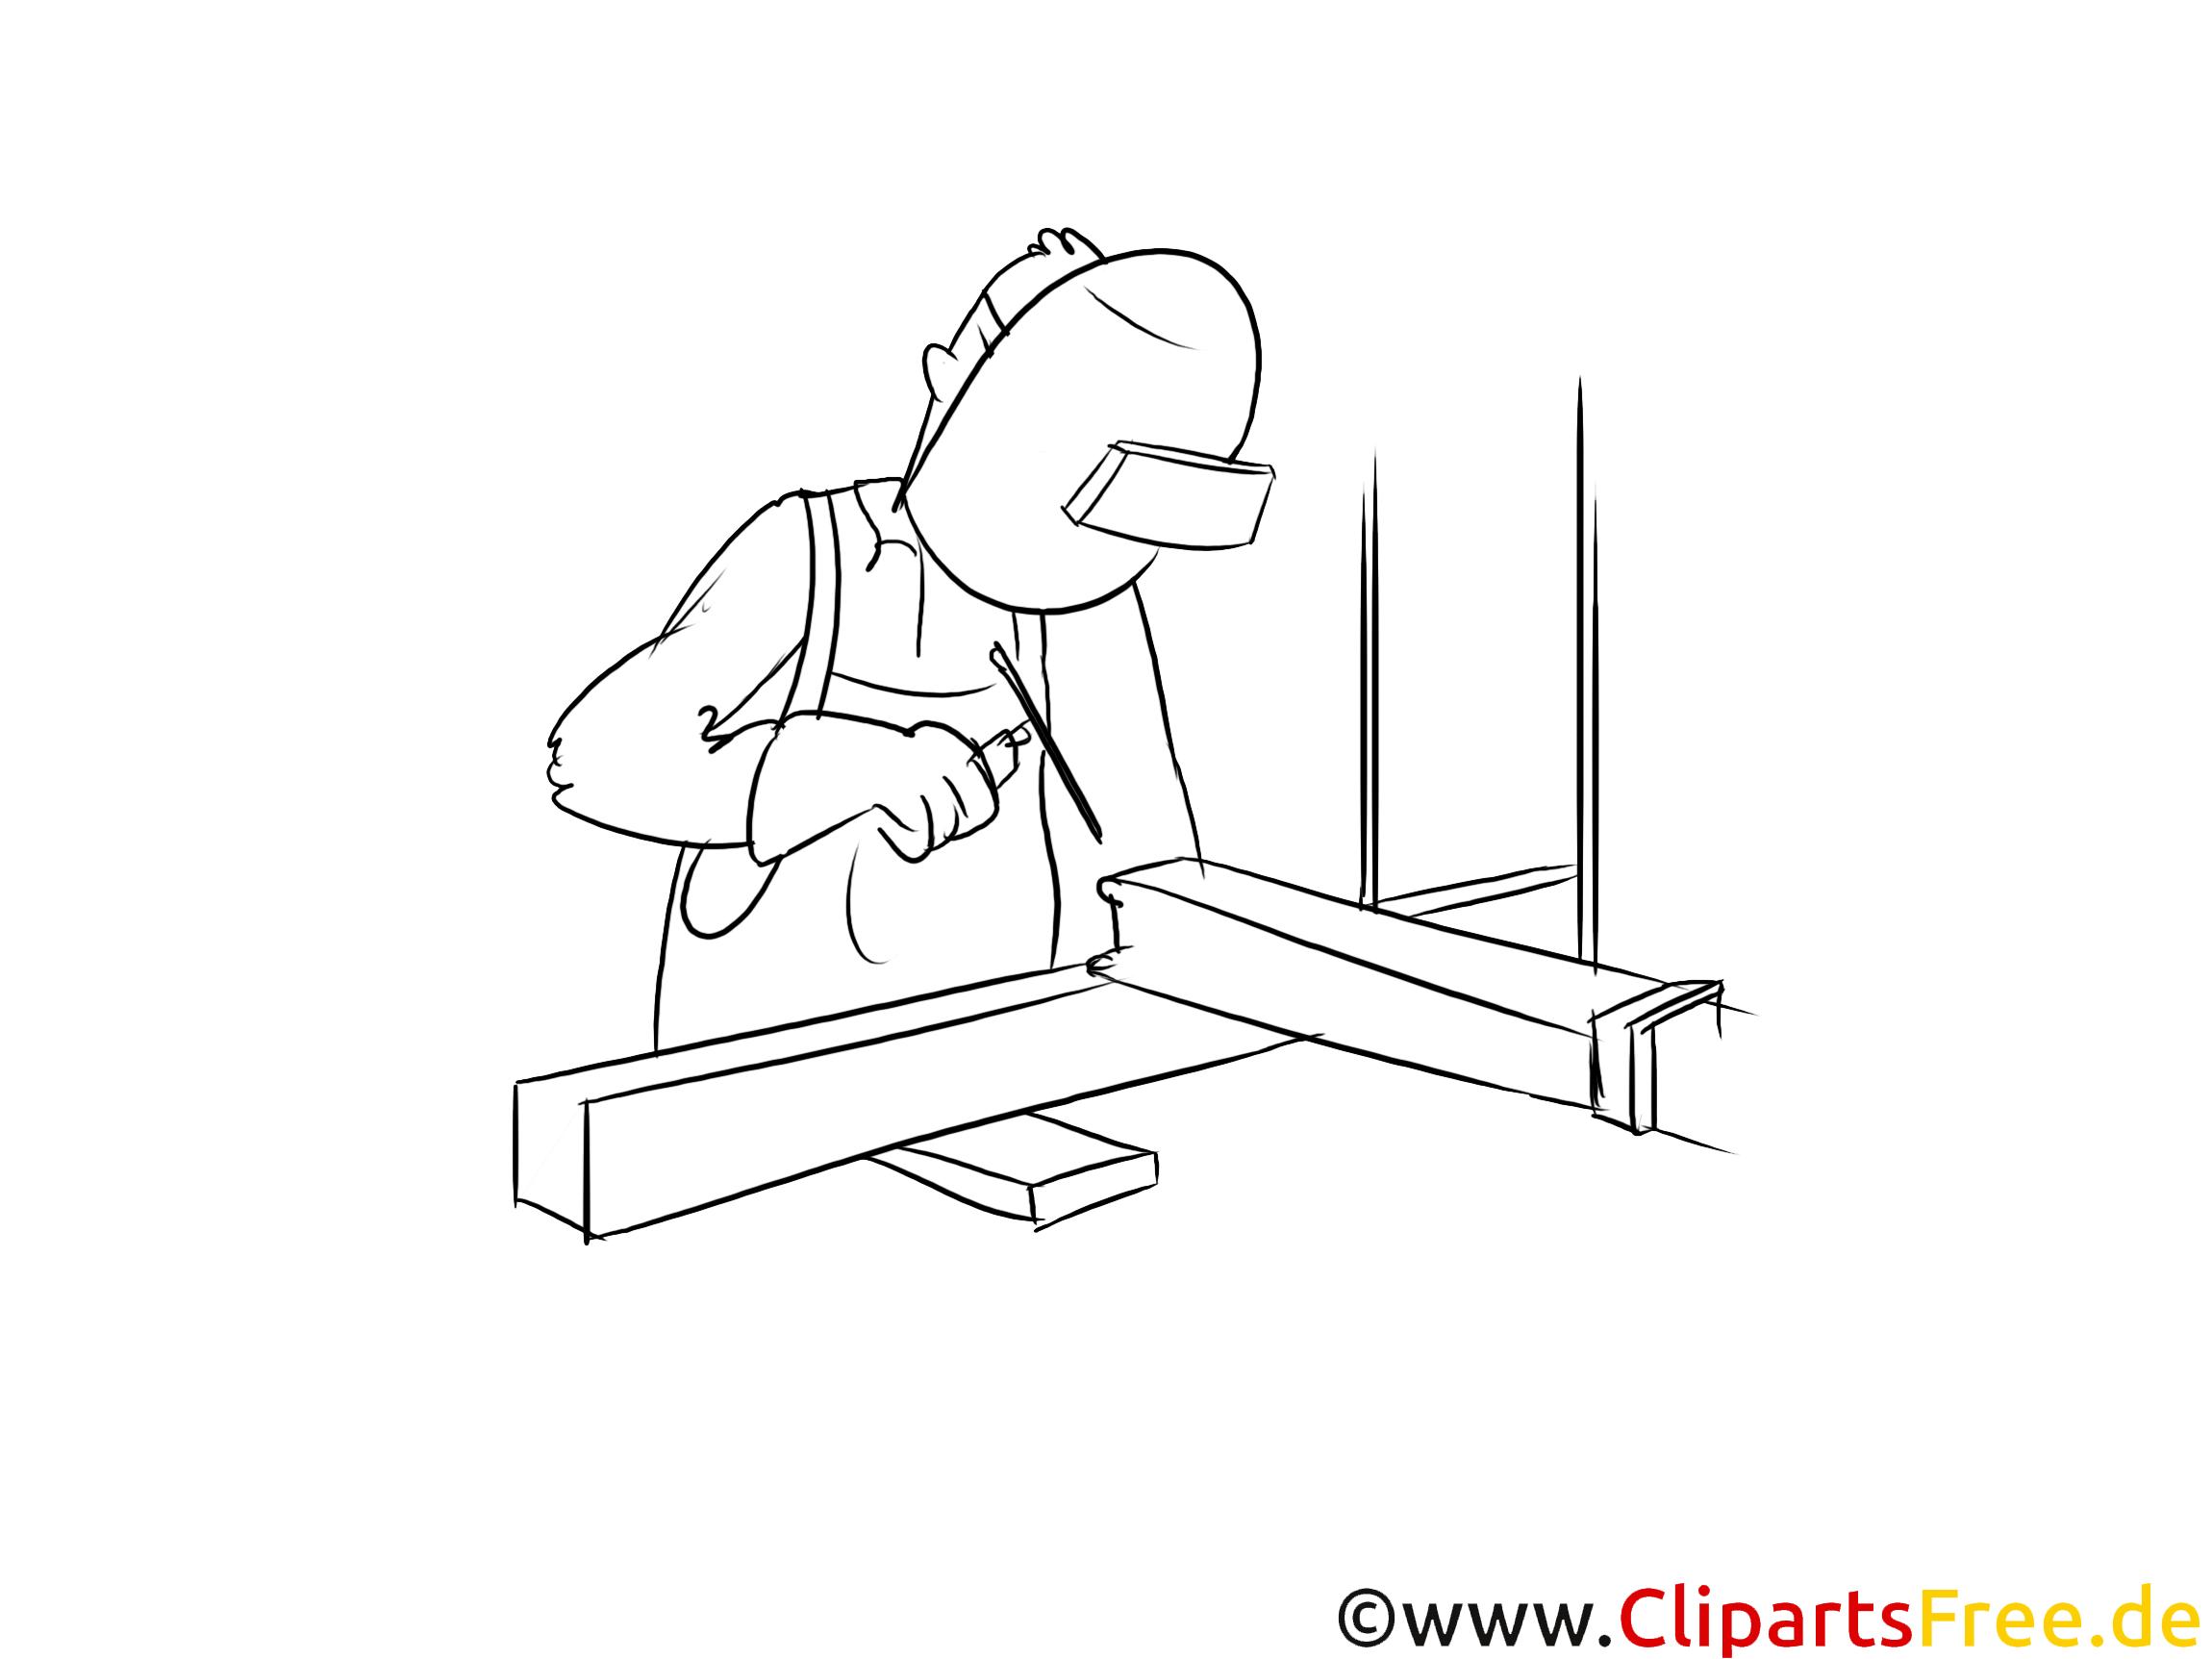 Schweißer Clipart, Grafik, Bild schwarz-weiß